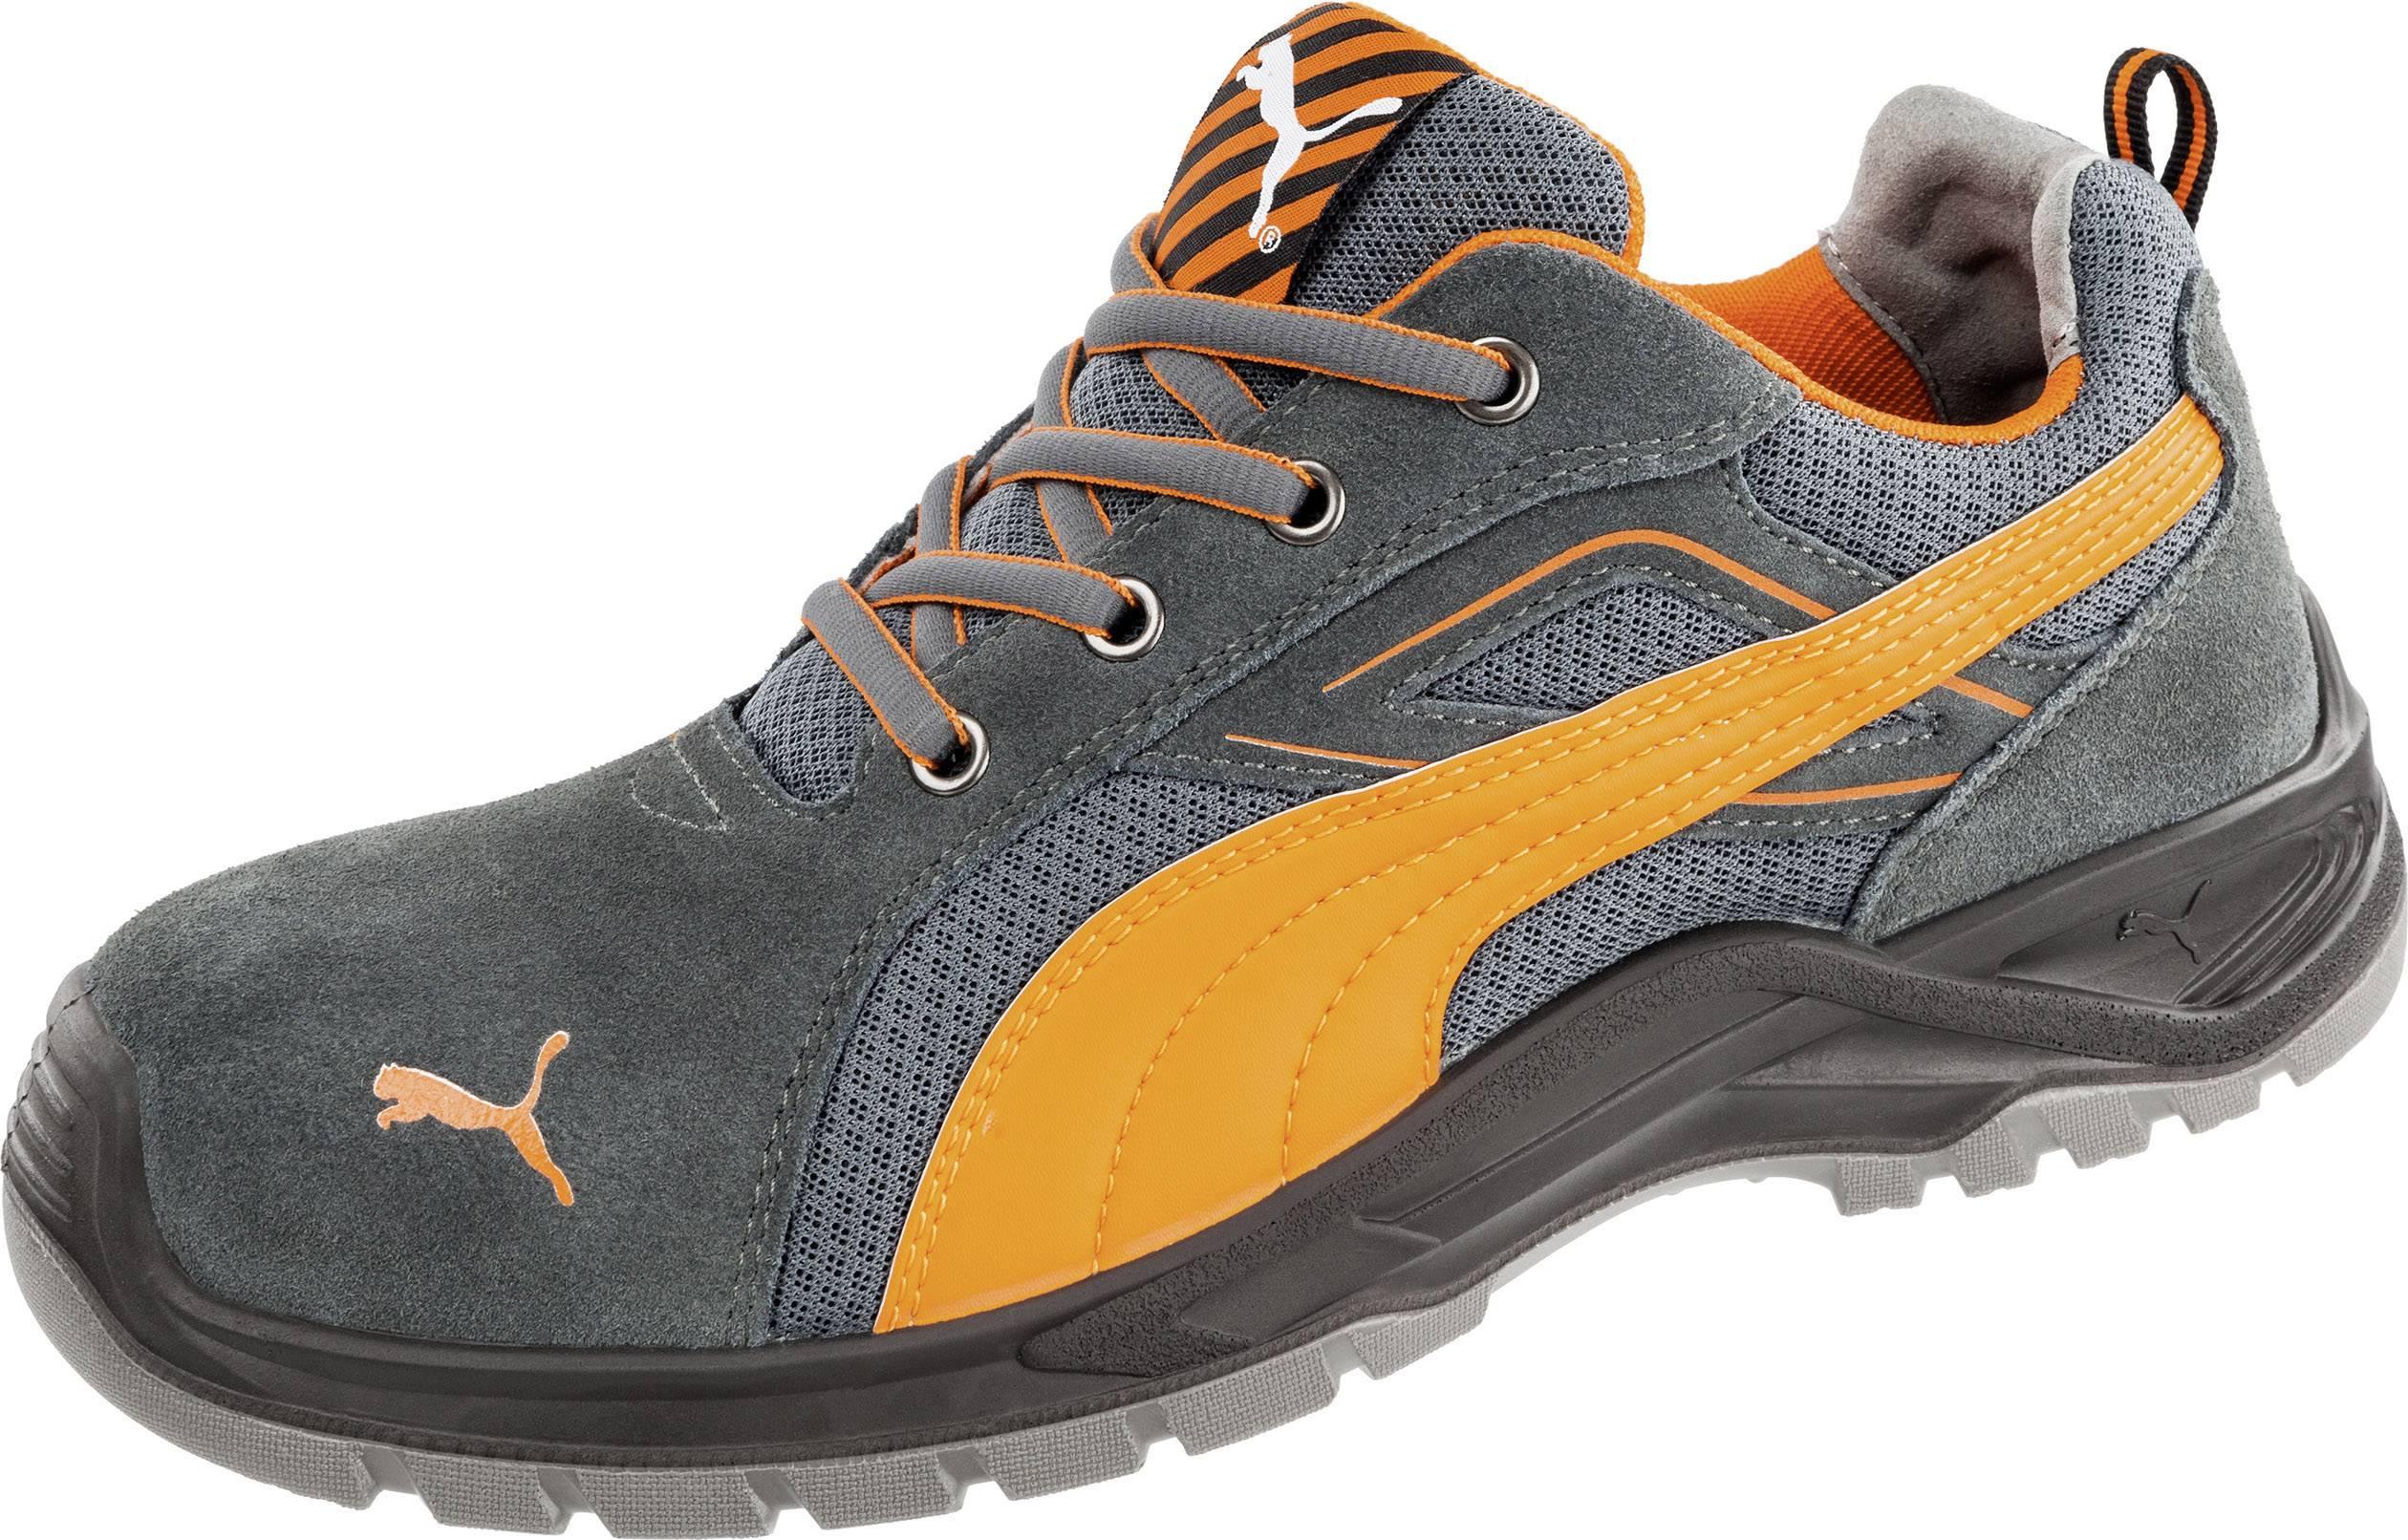 PUMA Safety Omni Orange Low SRC 643620 42 Sikkerhedssko S1P Størrelse: 42 Sort, Orange 1 pair